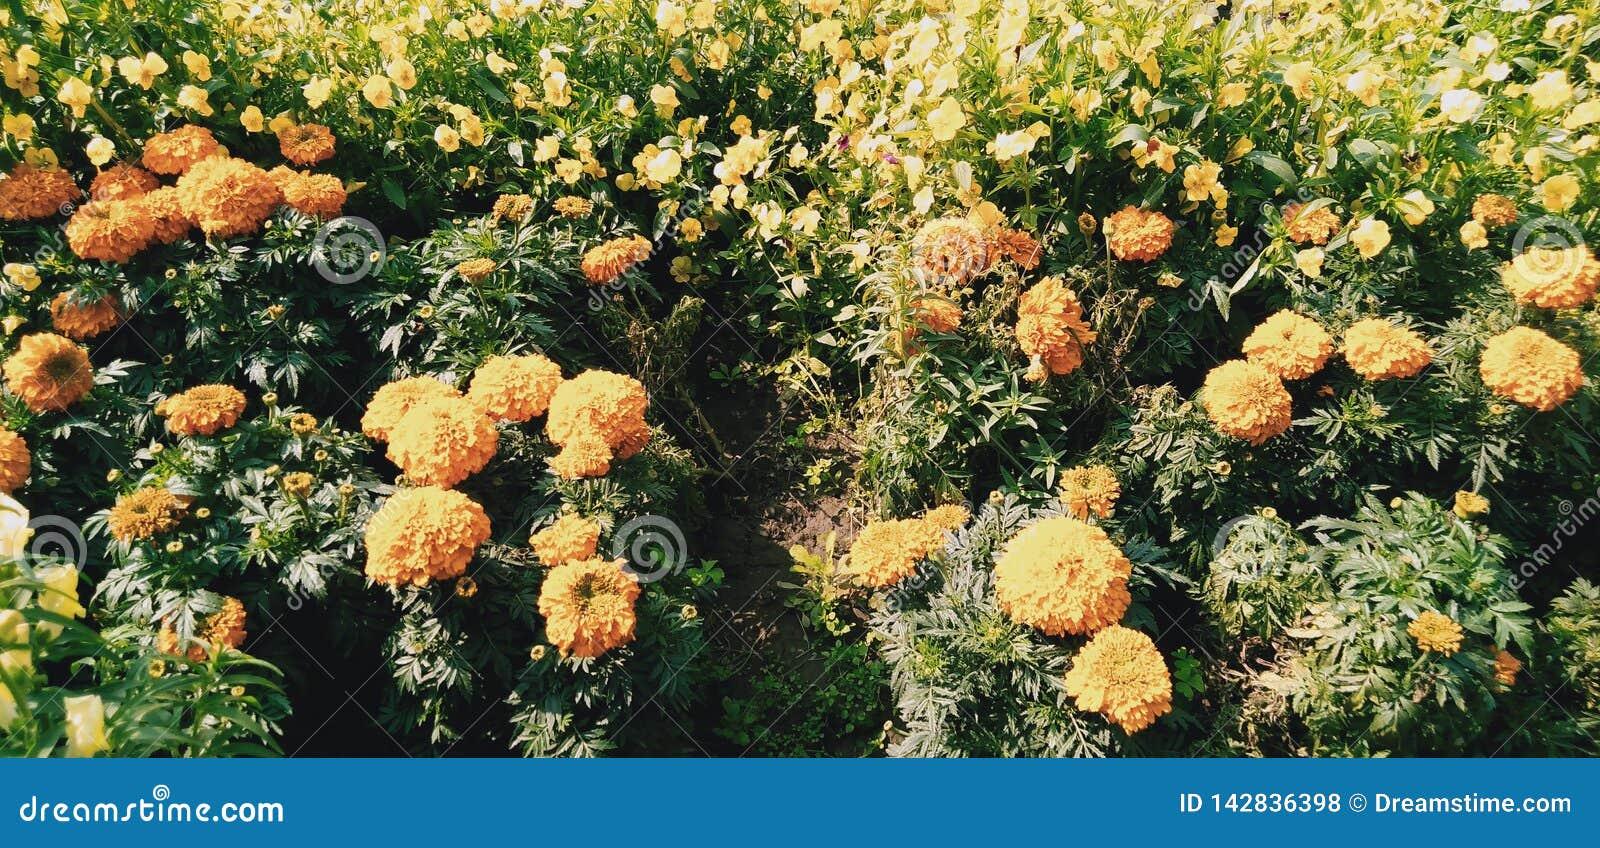 Kolonie van bloemen